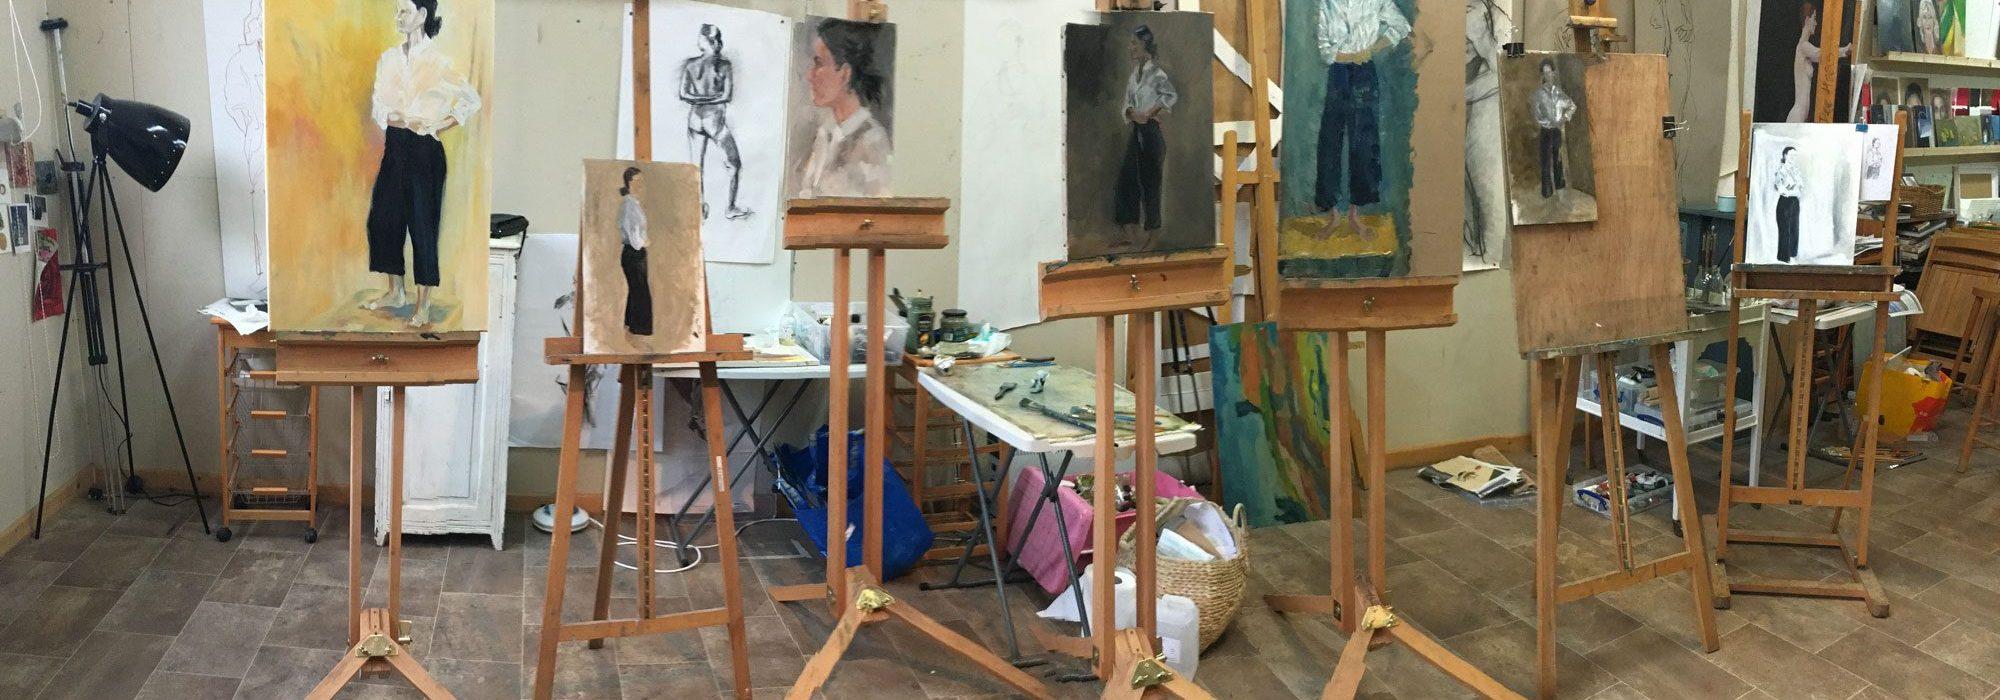 Studio-life